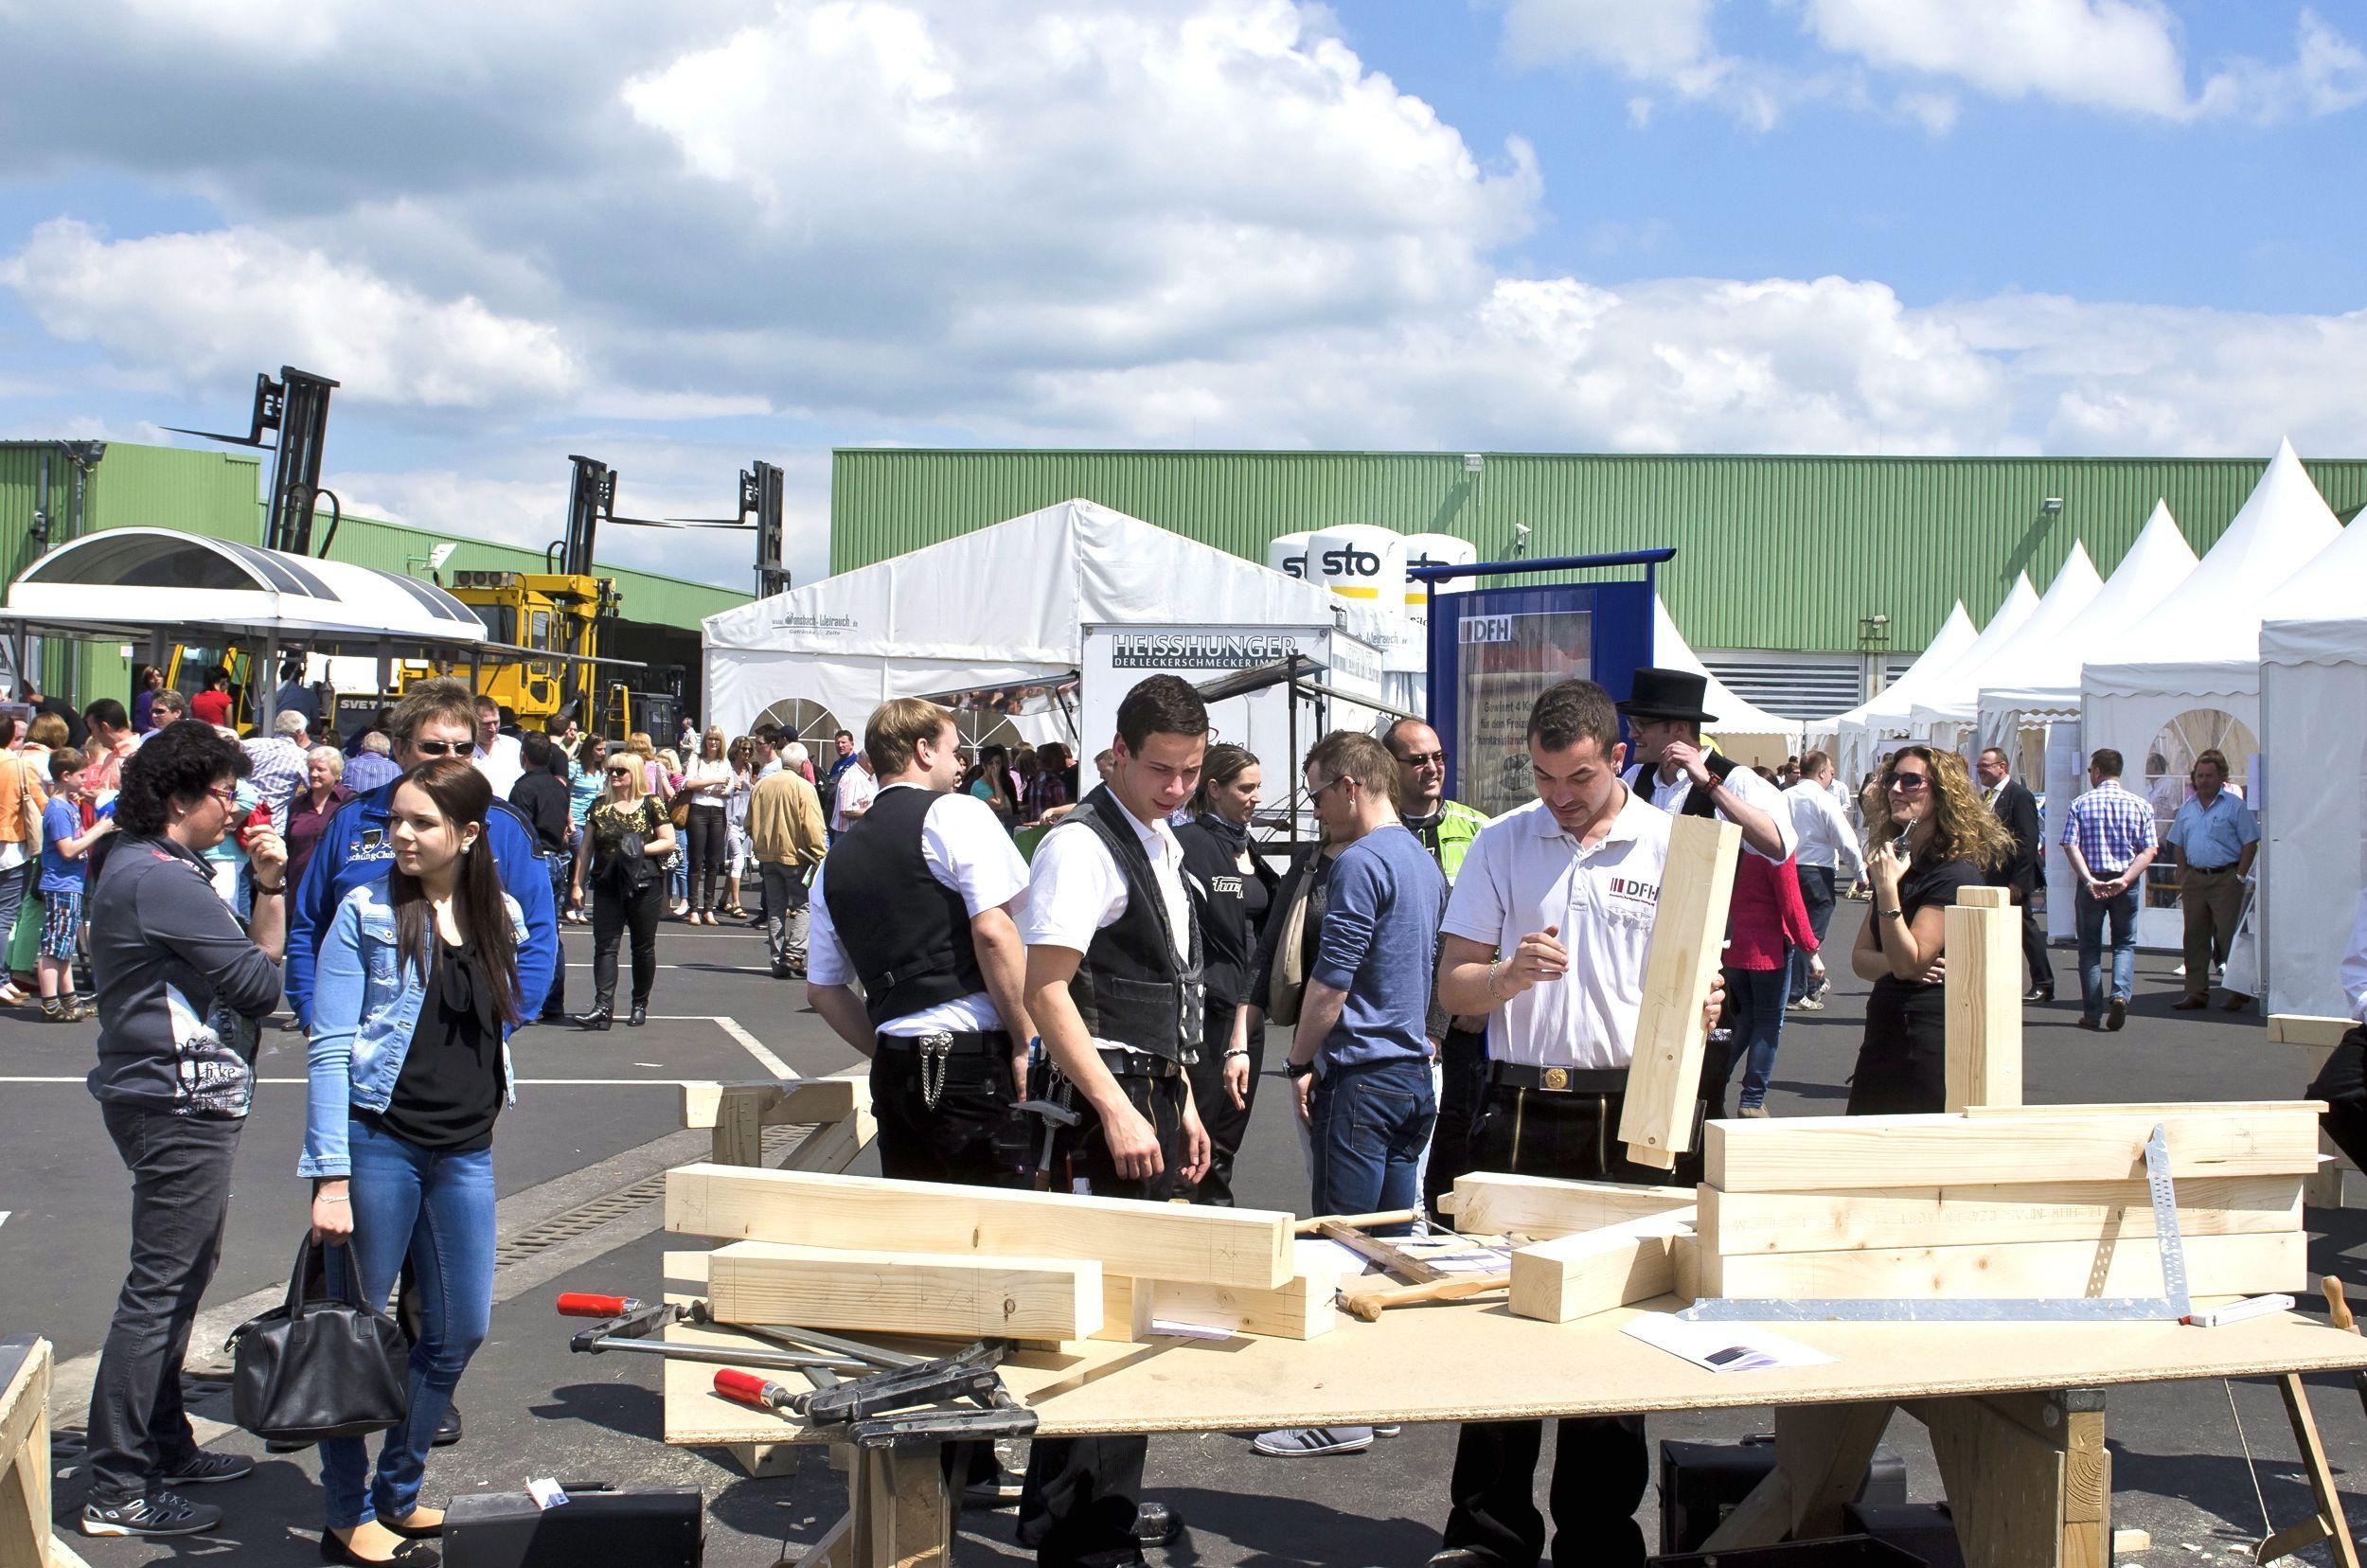 Unter Anleitung eines DFH-Zimmermanns können Besucher des DFH-Familientags Holz bearbeiten - der nachwachsende Rohstoff, der das wichtigste Baumaterial für Fertighäuser in Holzrahmenbauweise darstellt. (Foto: DFH)